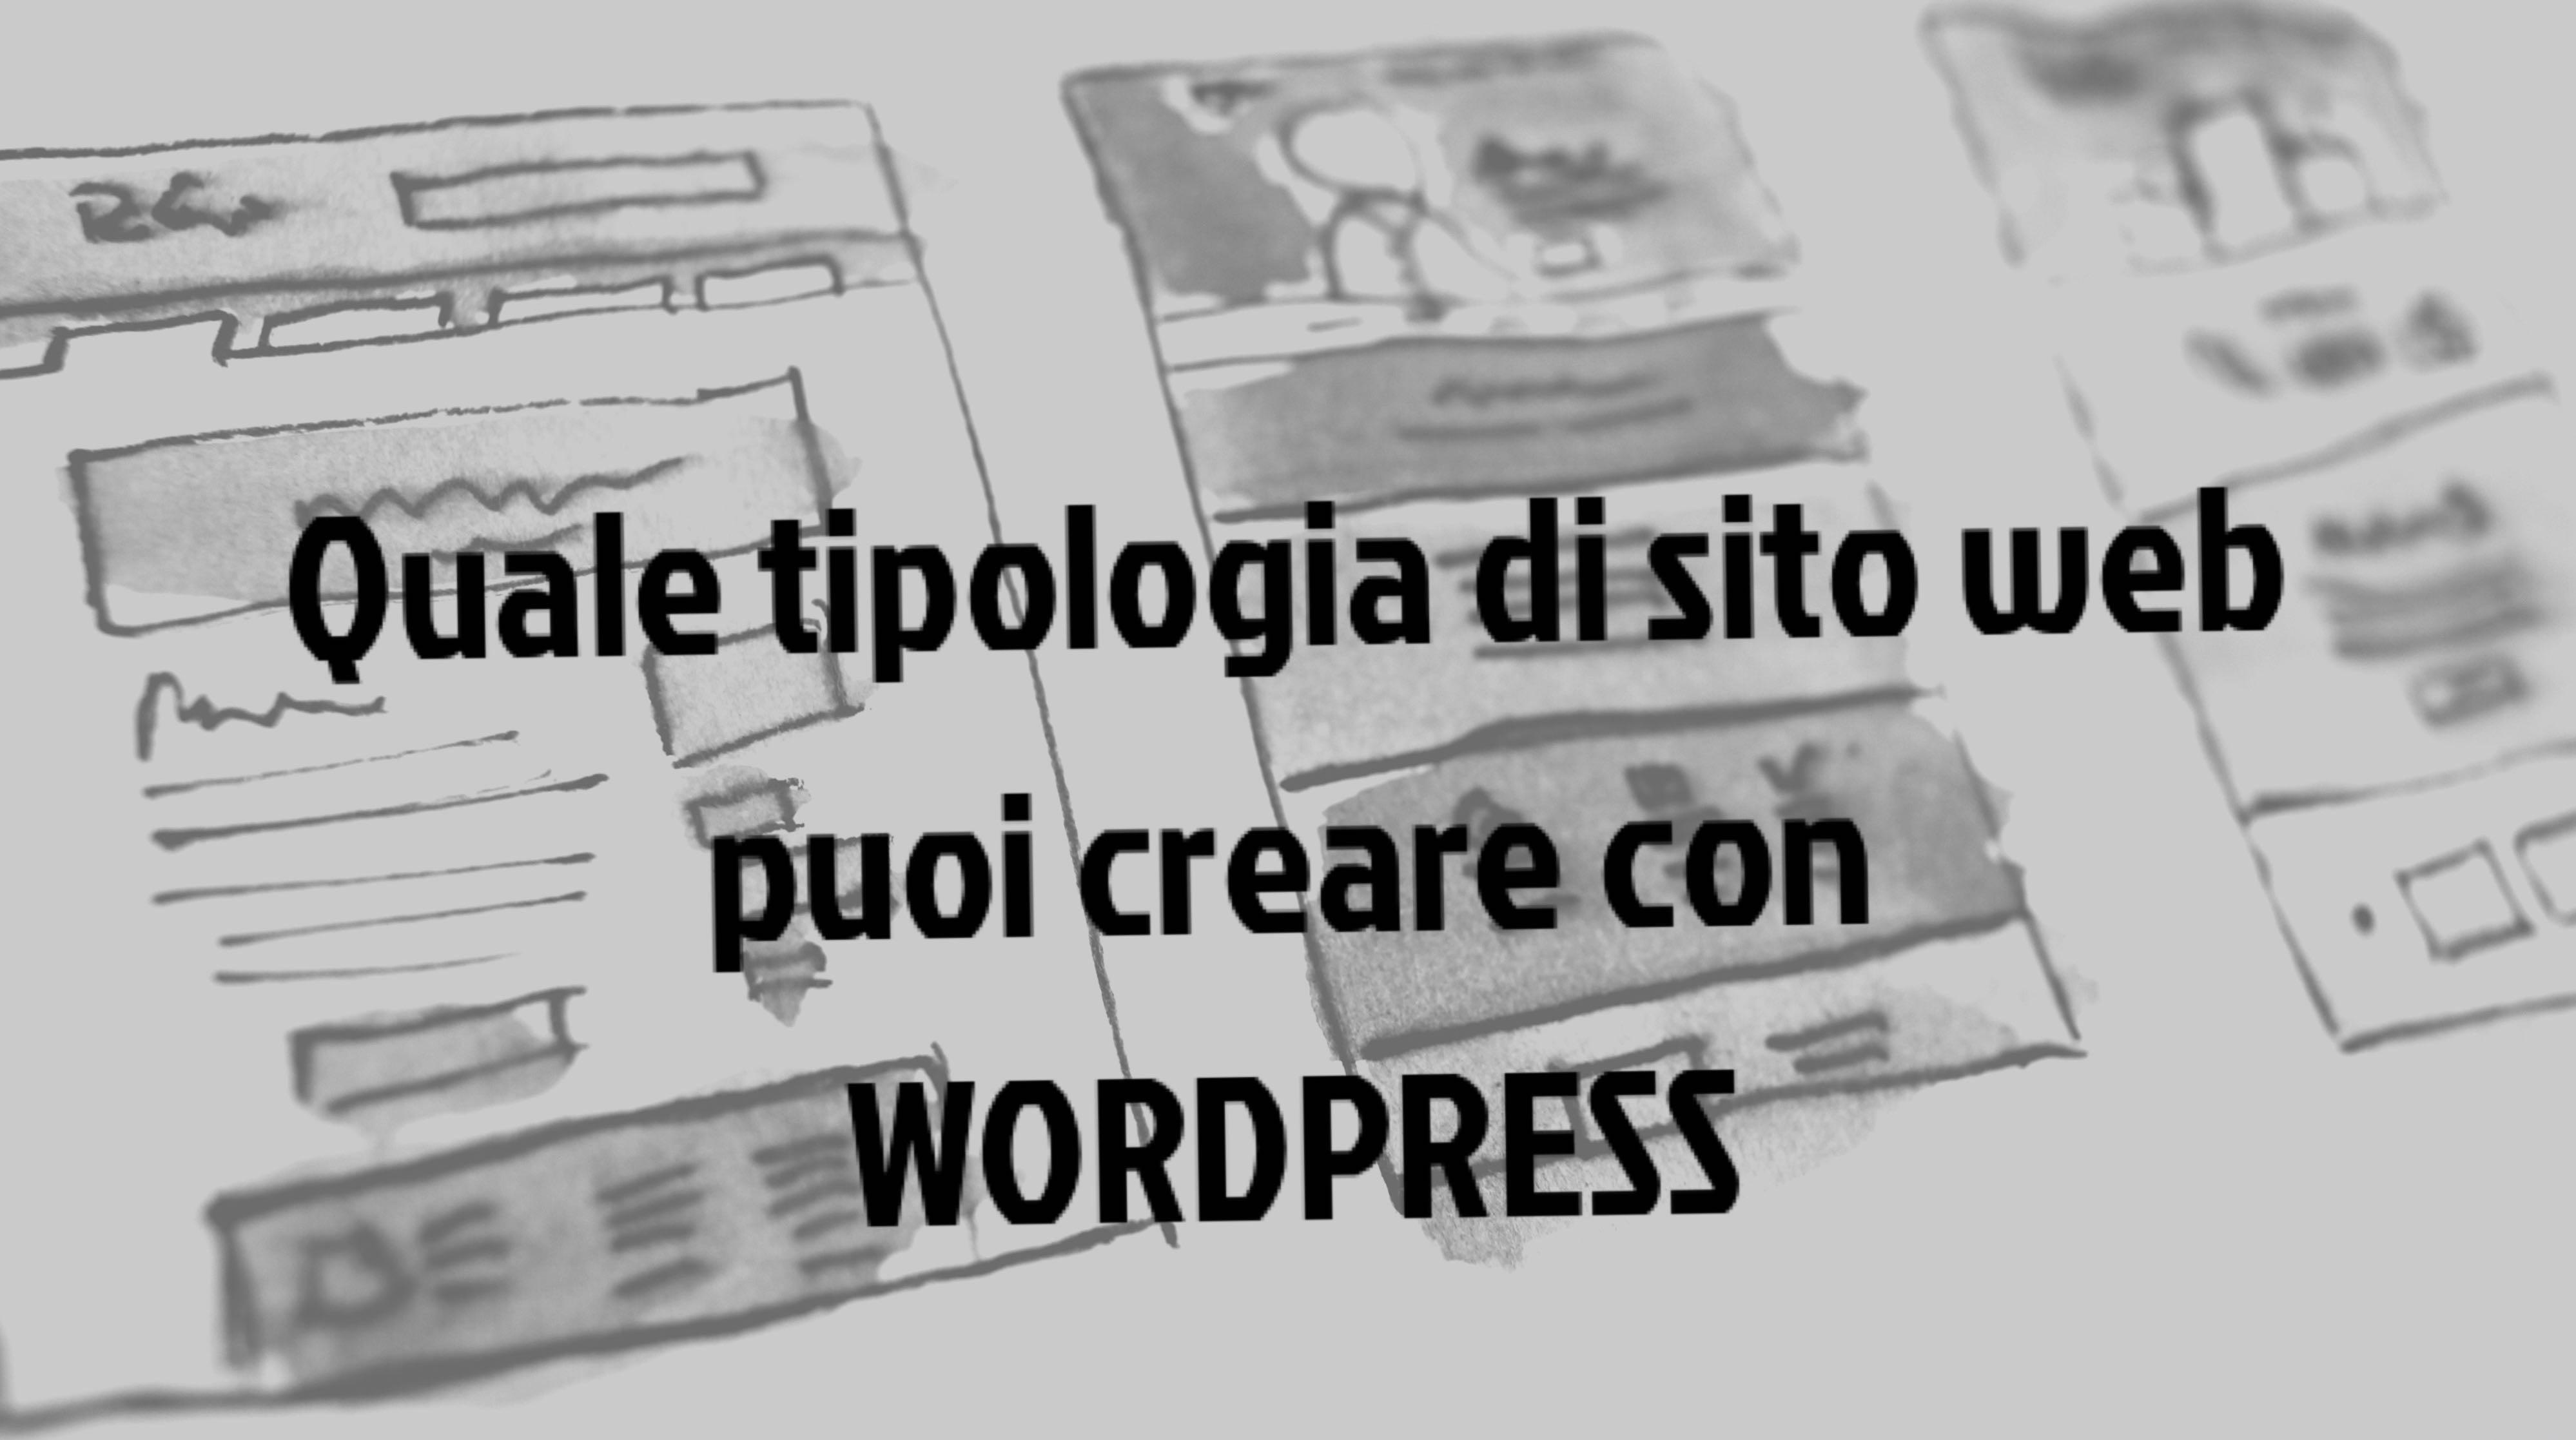 Quale sito web puoi creare con WordPress